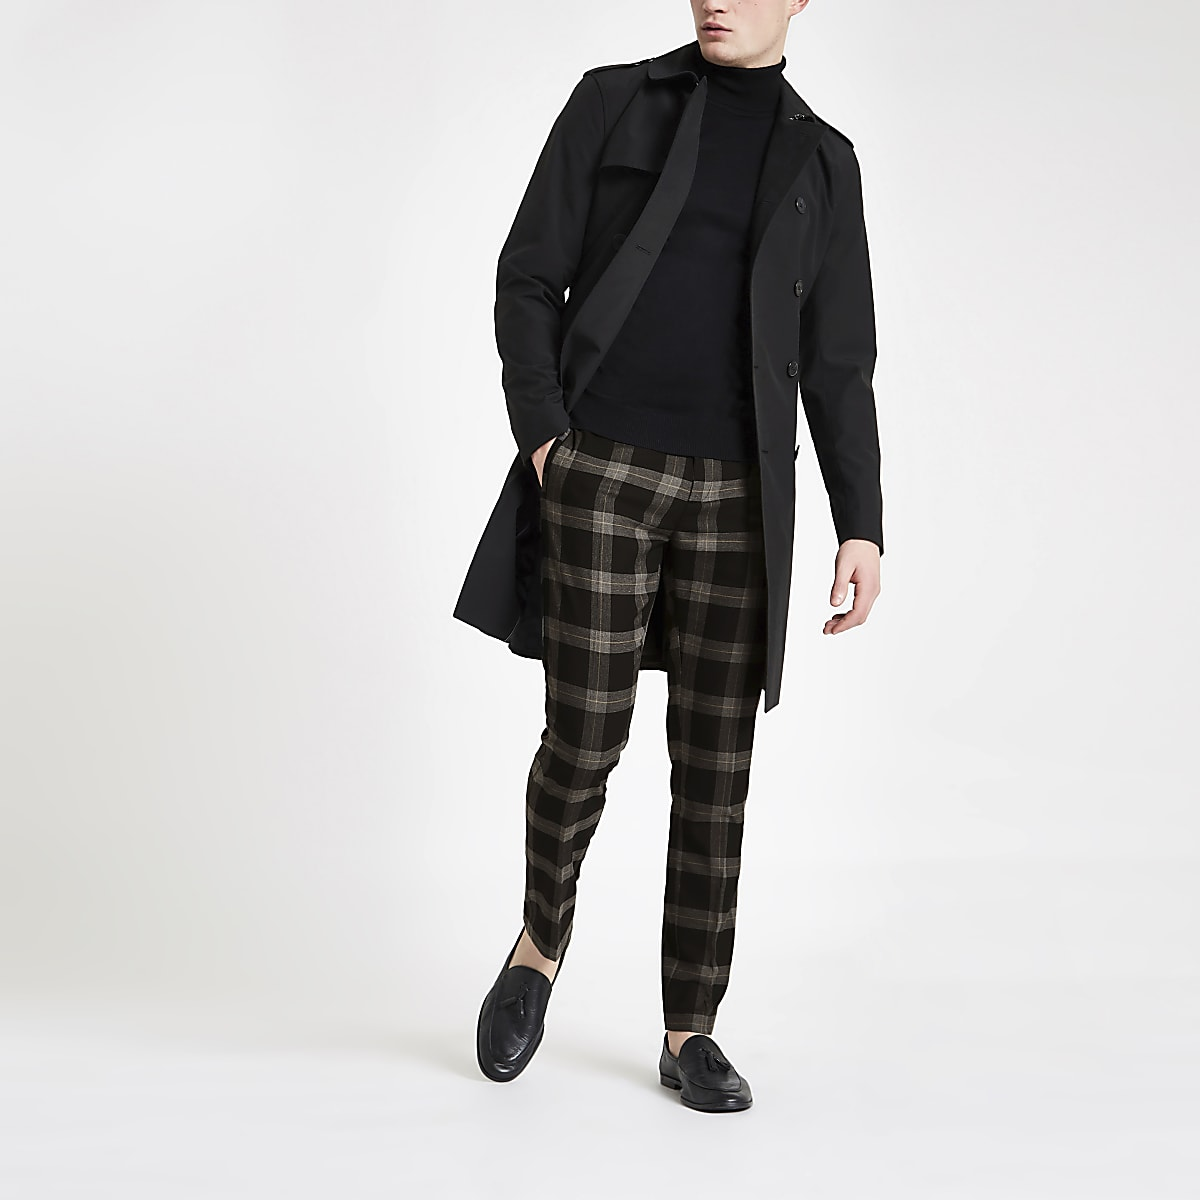 Pantalon skinny habillé à carreaux noir